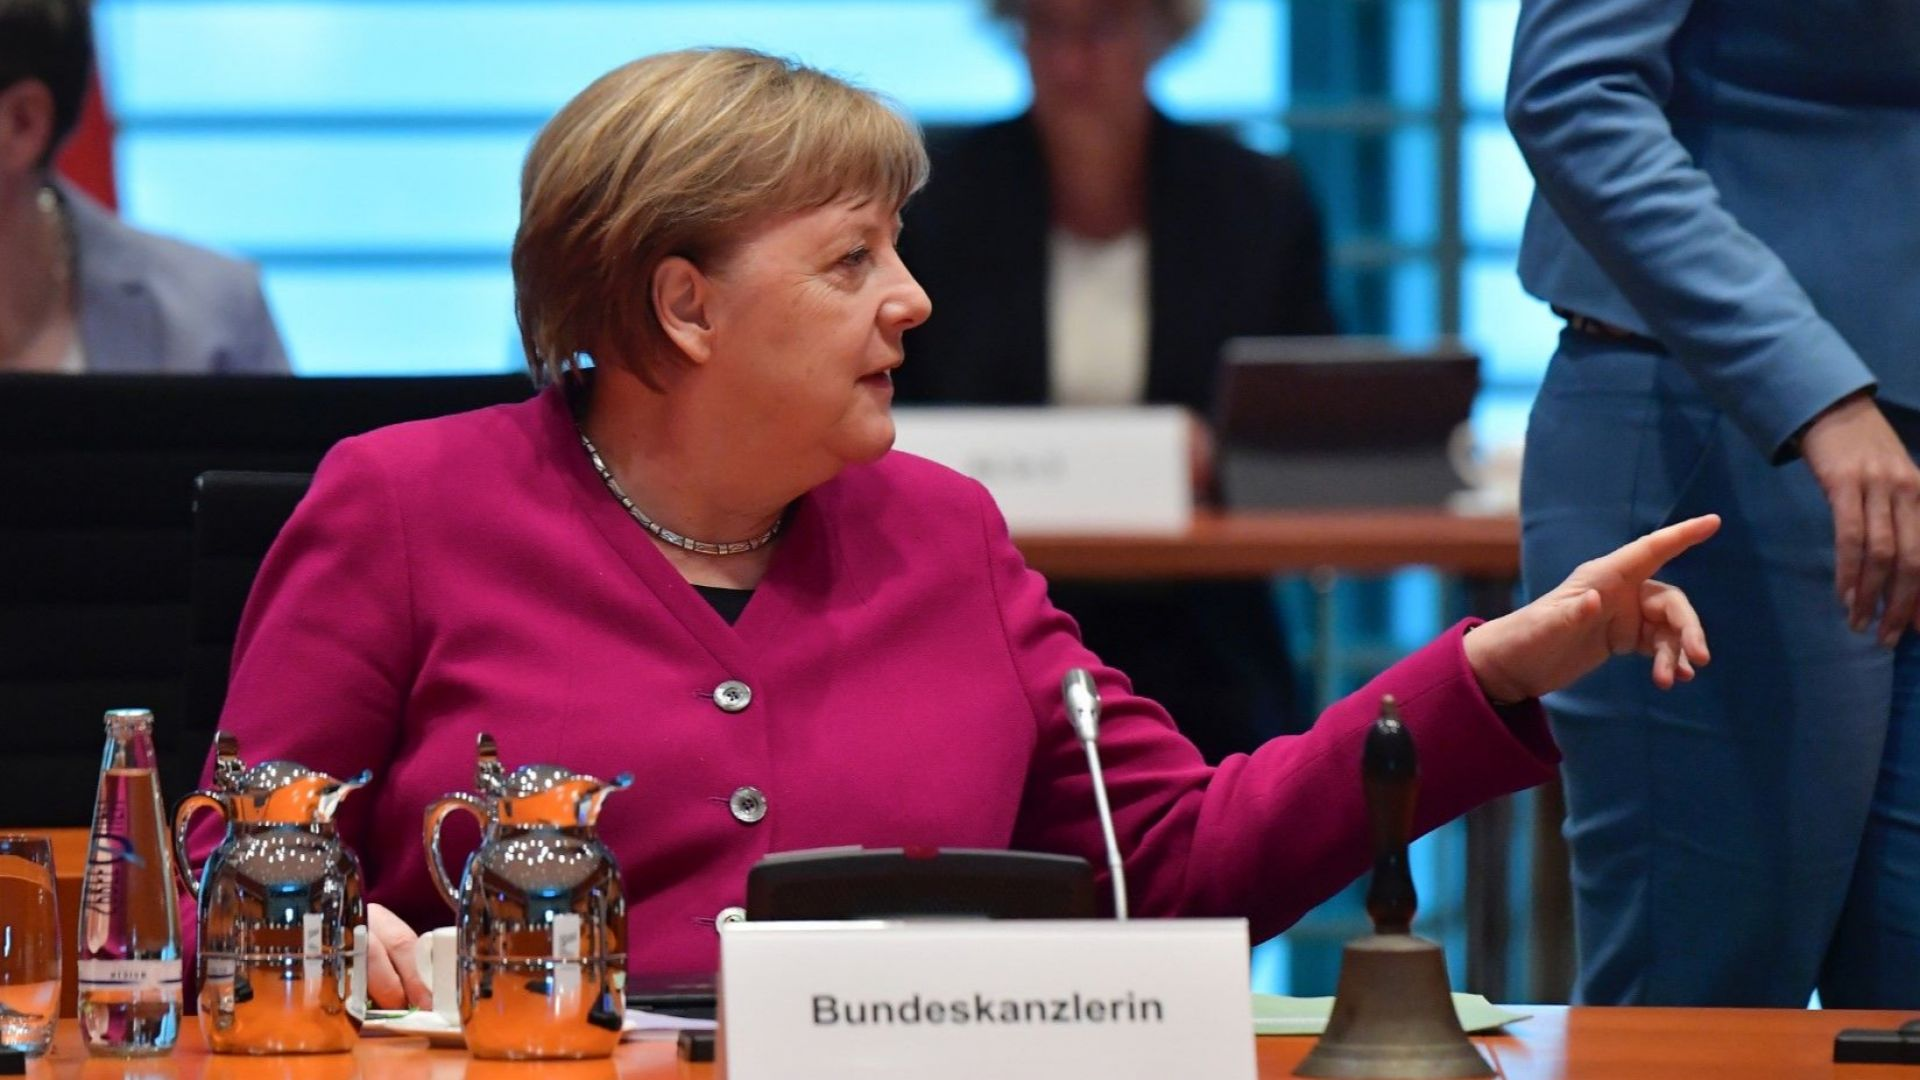 Германия протестира заради руската хакерска атака срещу Бундестага през 2015 г.